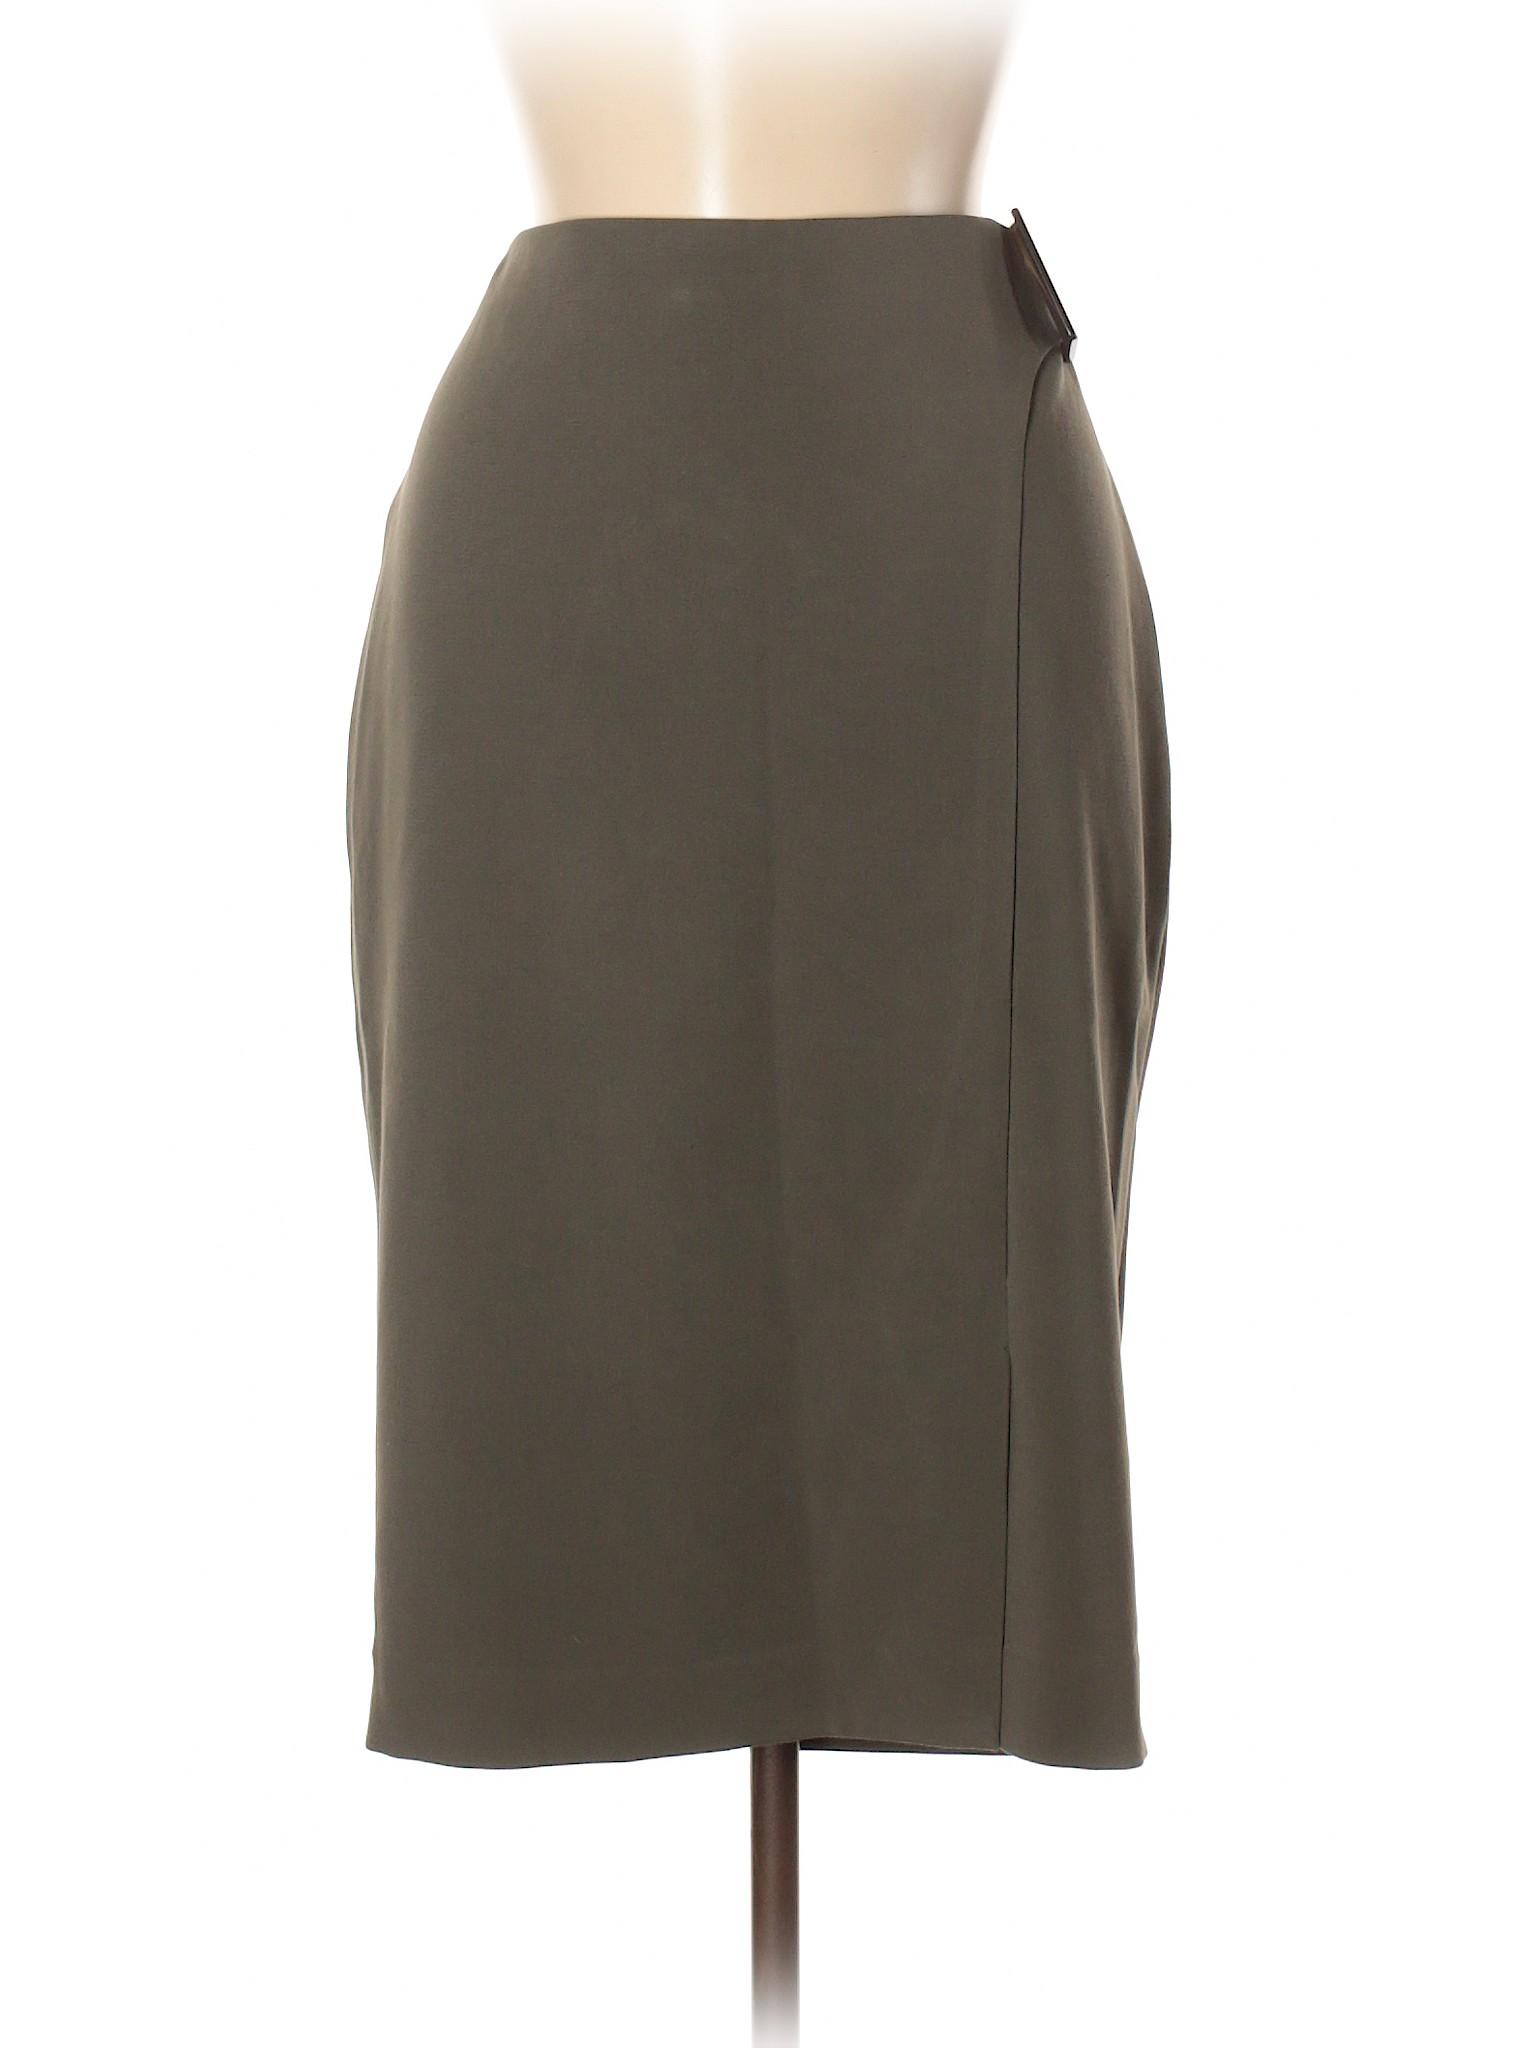 Boutique Boutique Skirt LTD LTD Casual FqqT5